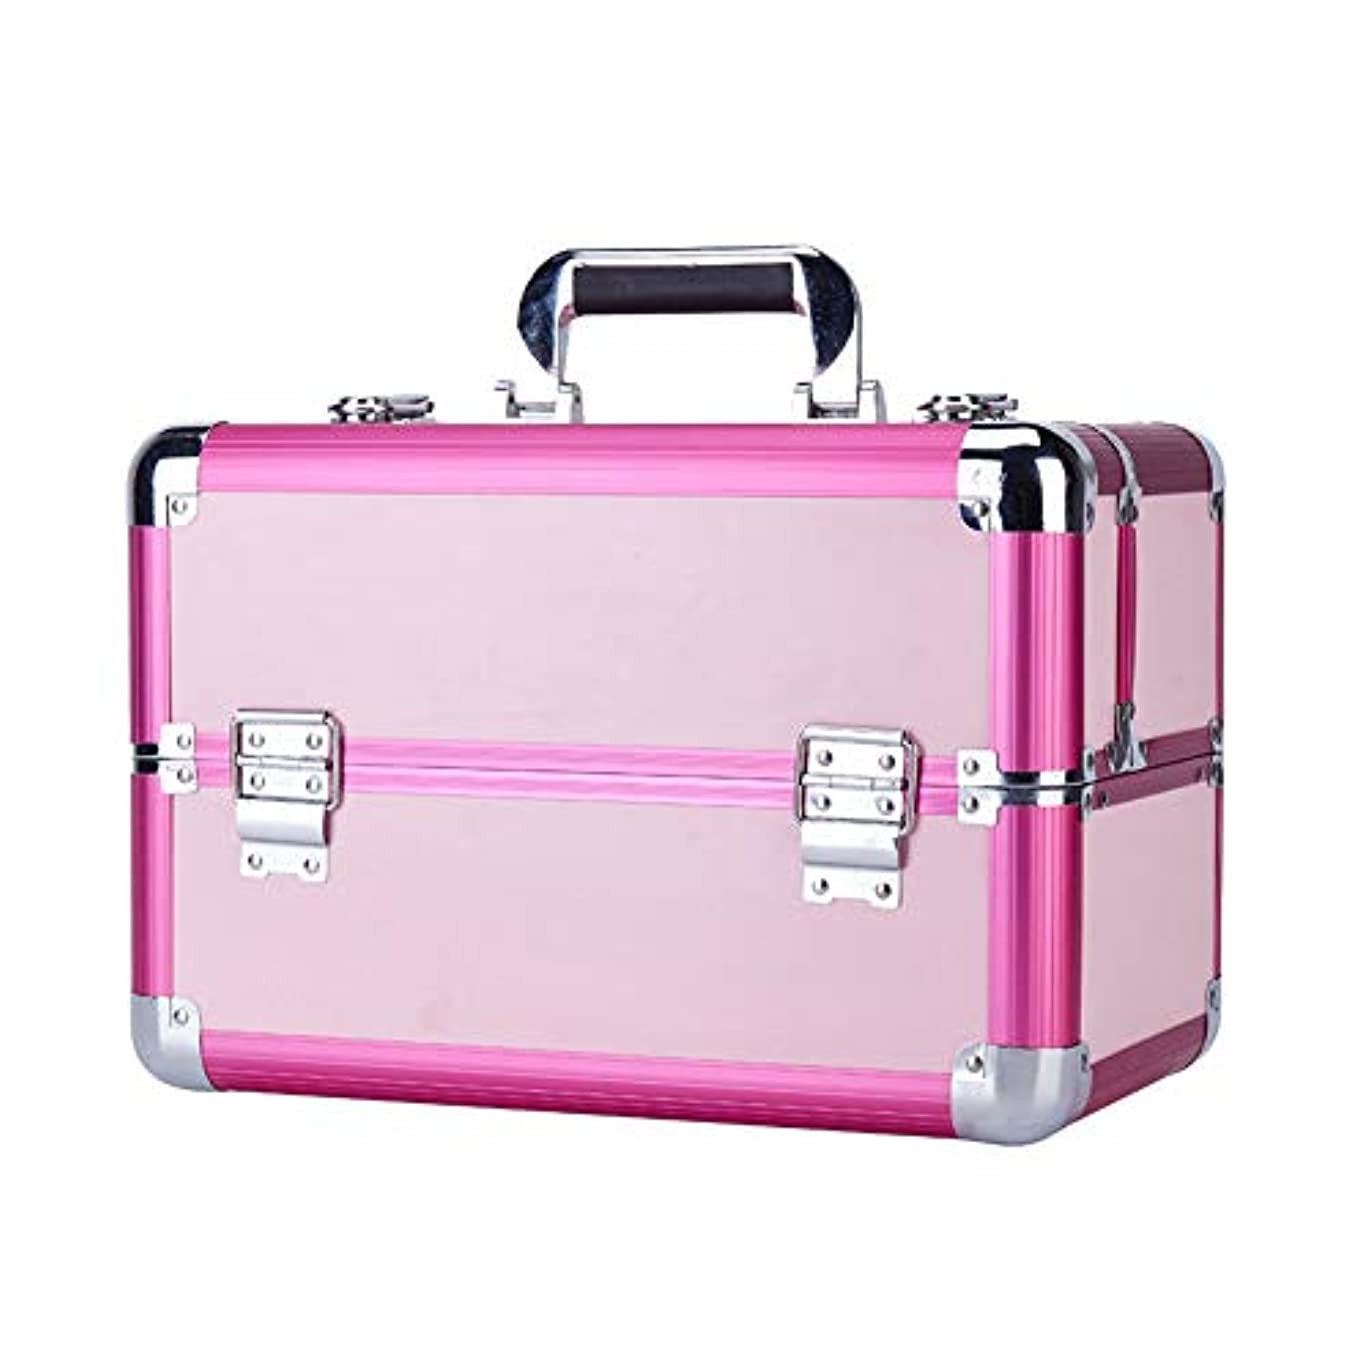 予防接種するつらい染色特大スペース収納ビューティーボックス 美の構造のためそしてジッパーおよび折る皿が付いている女の子の女性旅行そして毎日の貯蔵のための高容量の携帯用化粧品袋 化粧品化粧台 (色 : ピンク)